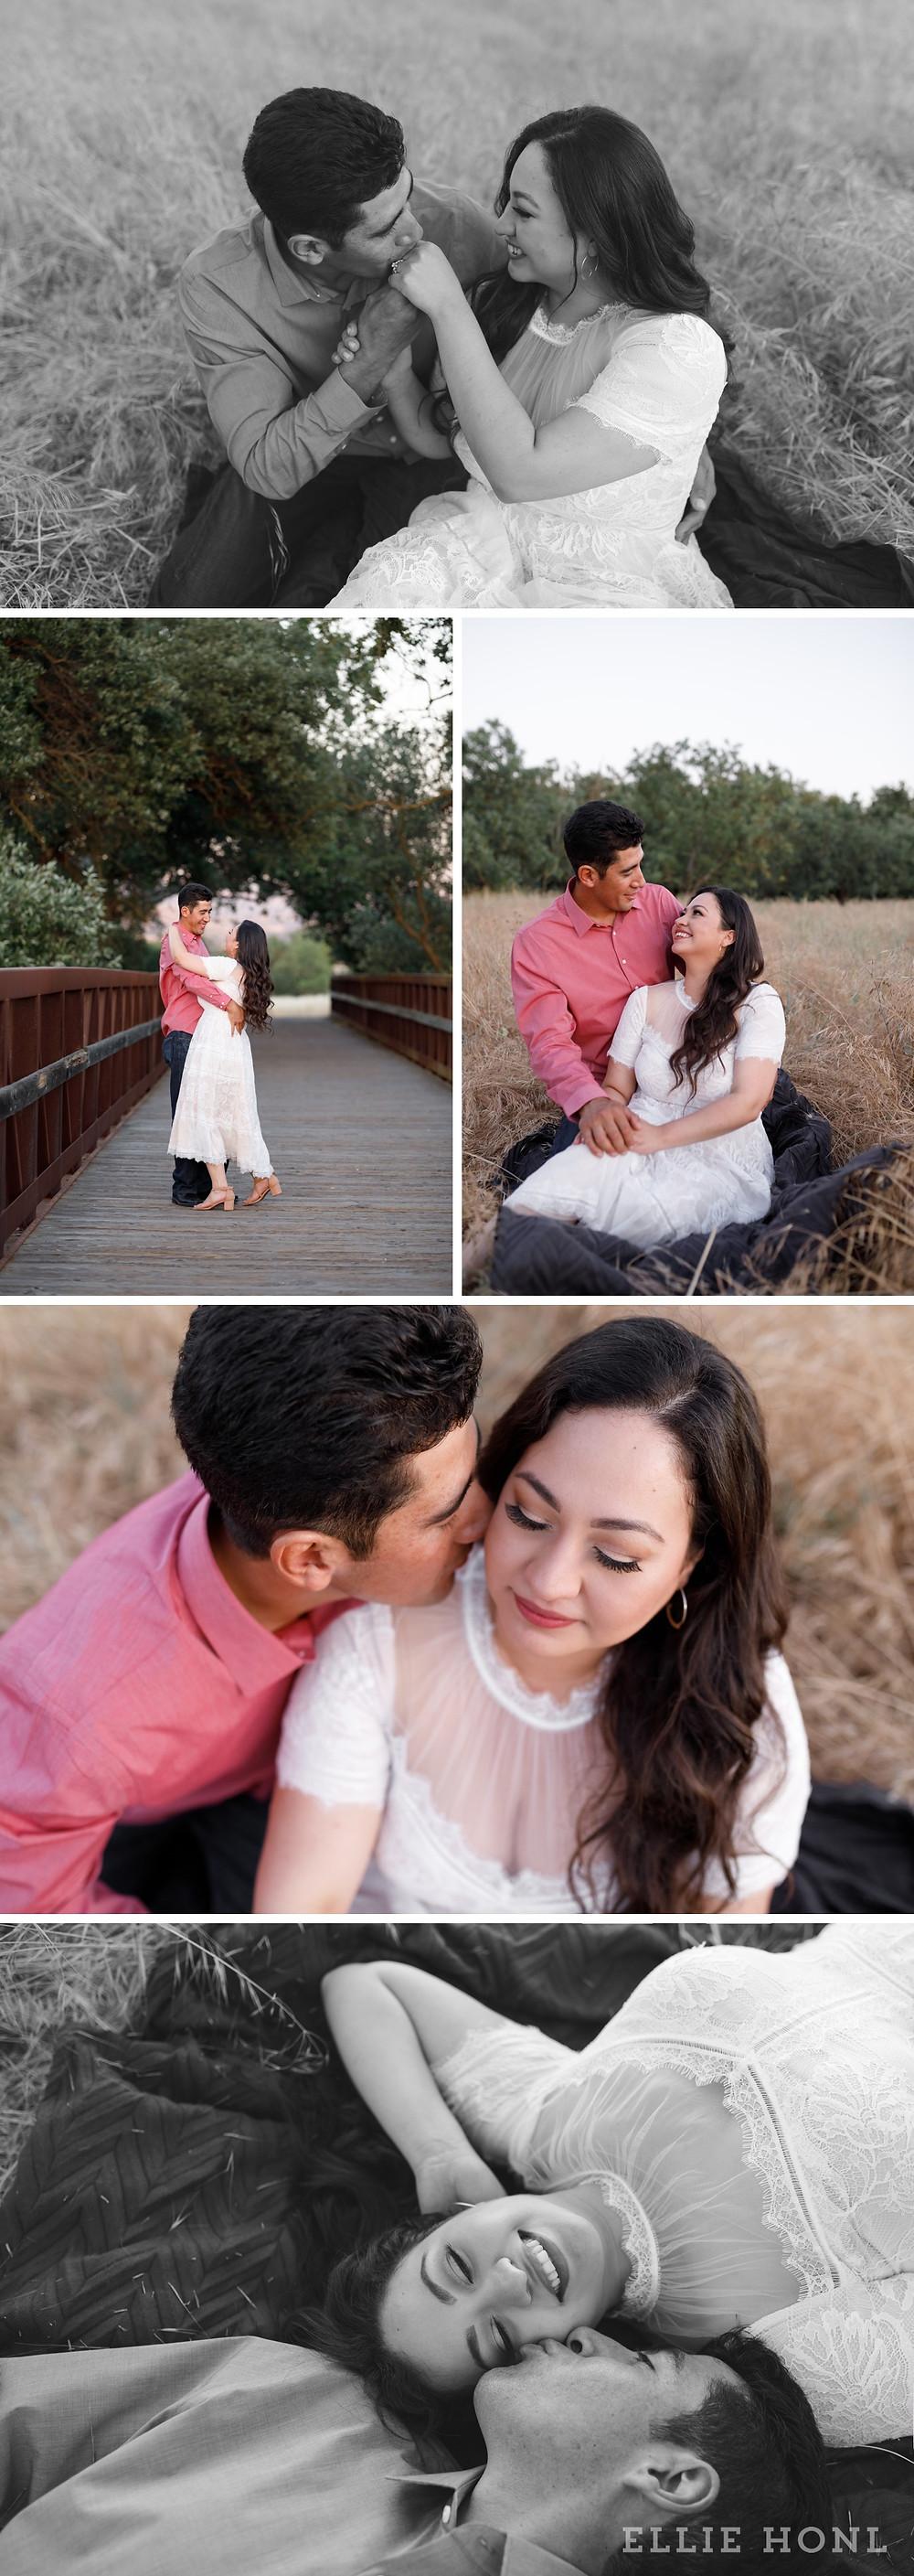 morgan hill engagement photoshoot at Anderson Lake park